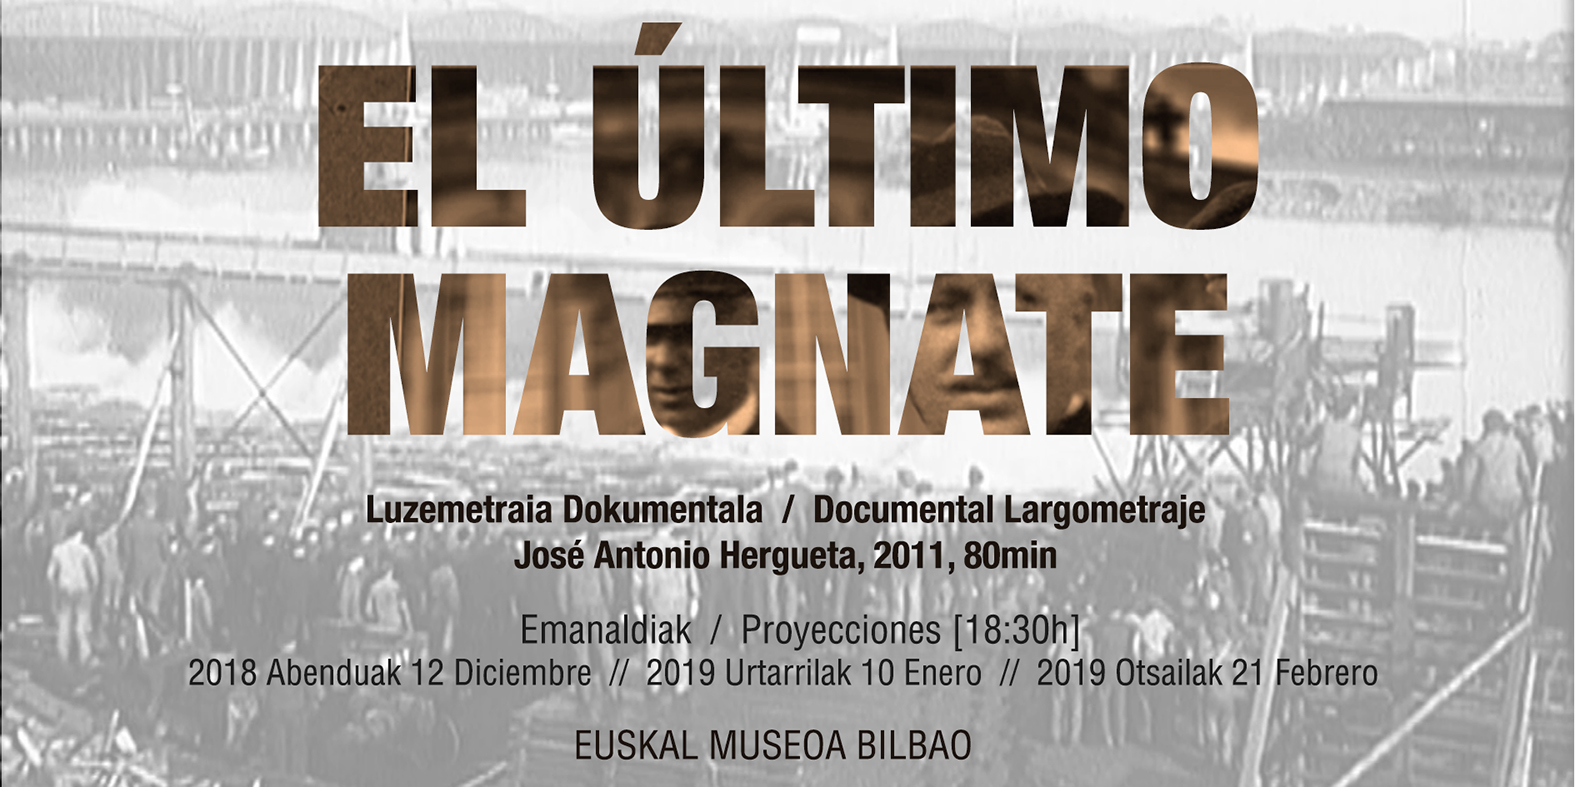 Euskal Museoak El último Magnate dokumentala proiektatuko du, eta hiru emanaldi eskainiko ditu